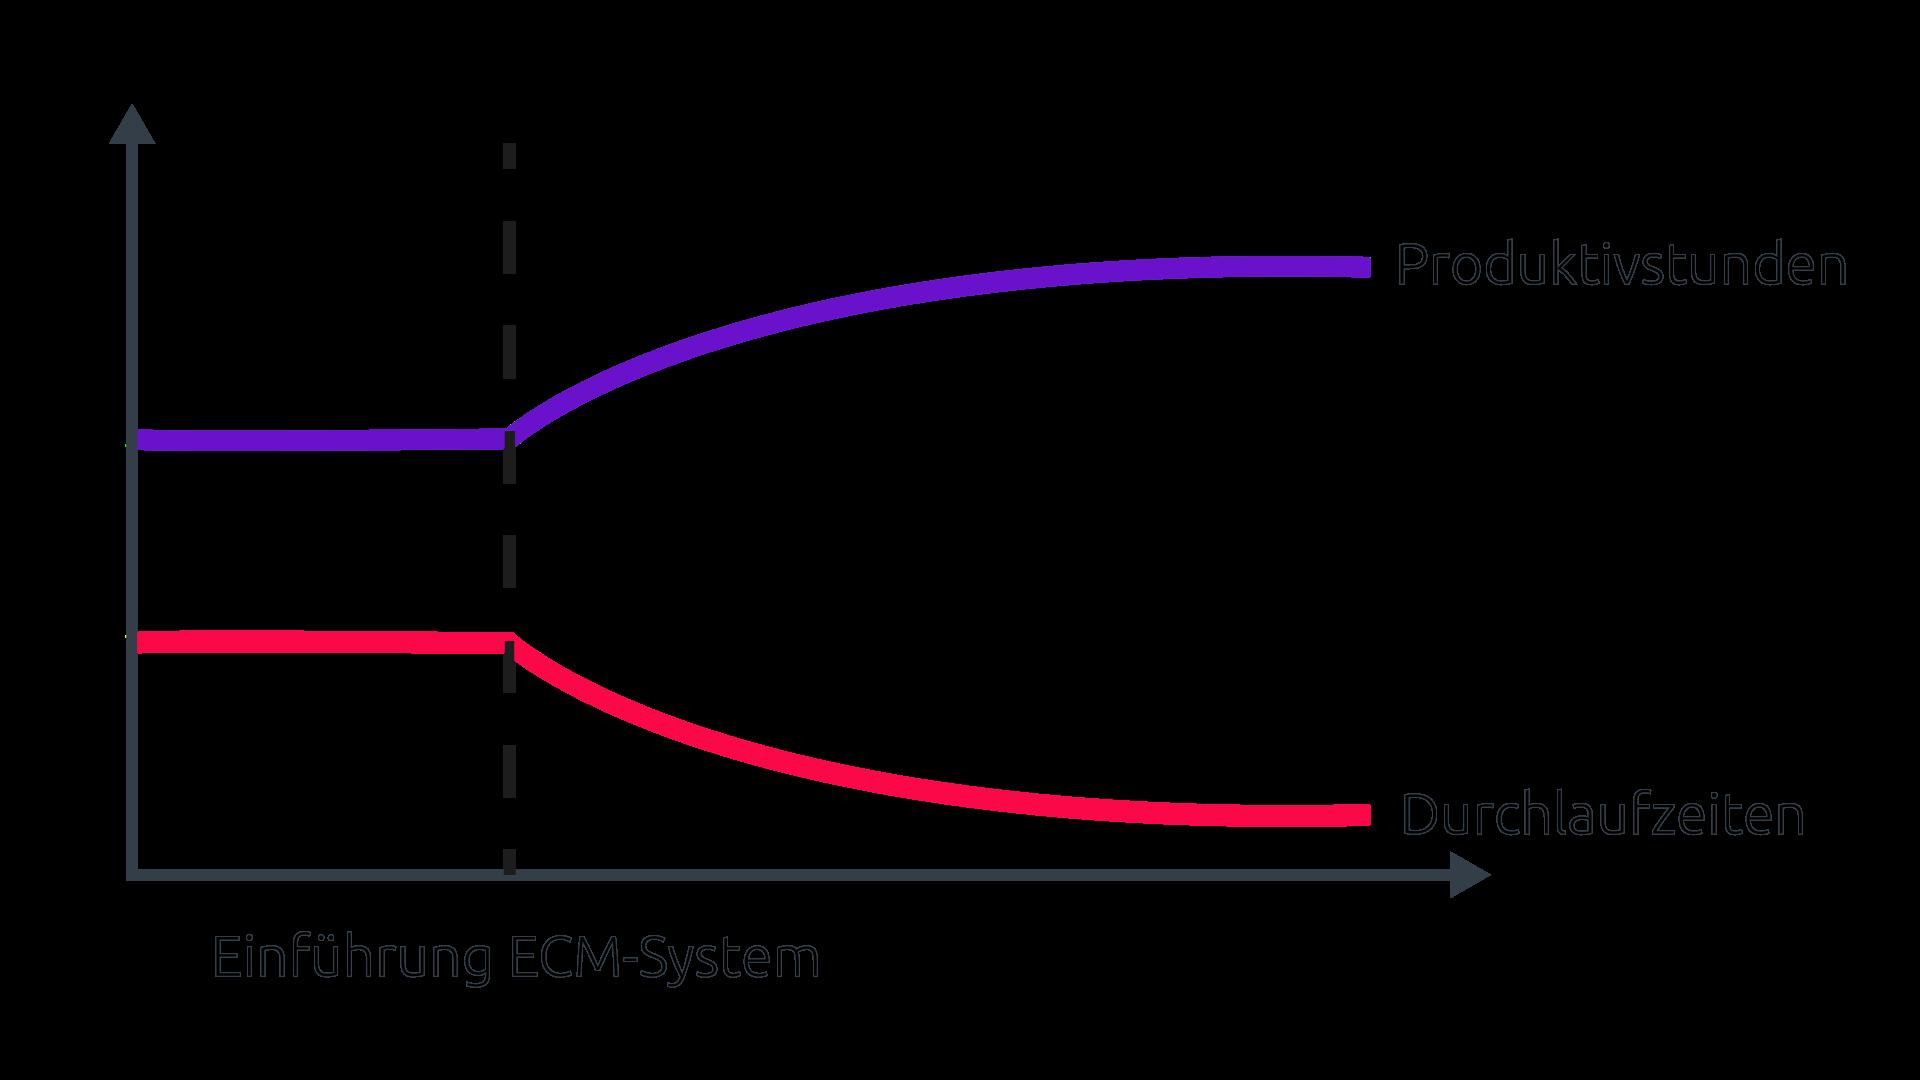 Durch die Einführung eines ECM-System verringern sich die Durchlaufzeiten der Wissensmitarbeiter und gleichzeitig erhöhen sich die Produktivstunden